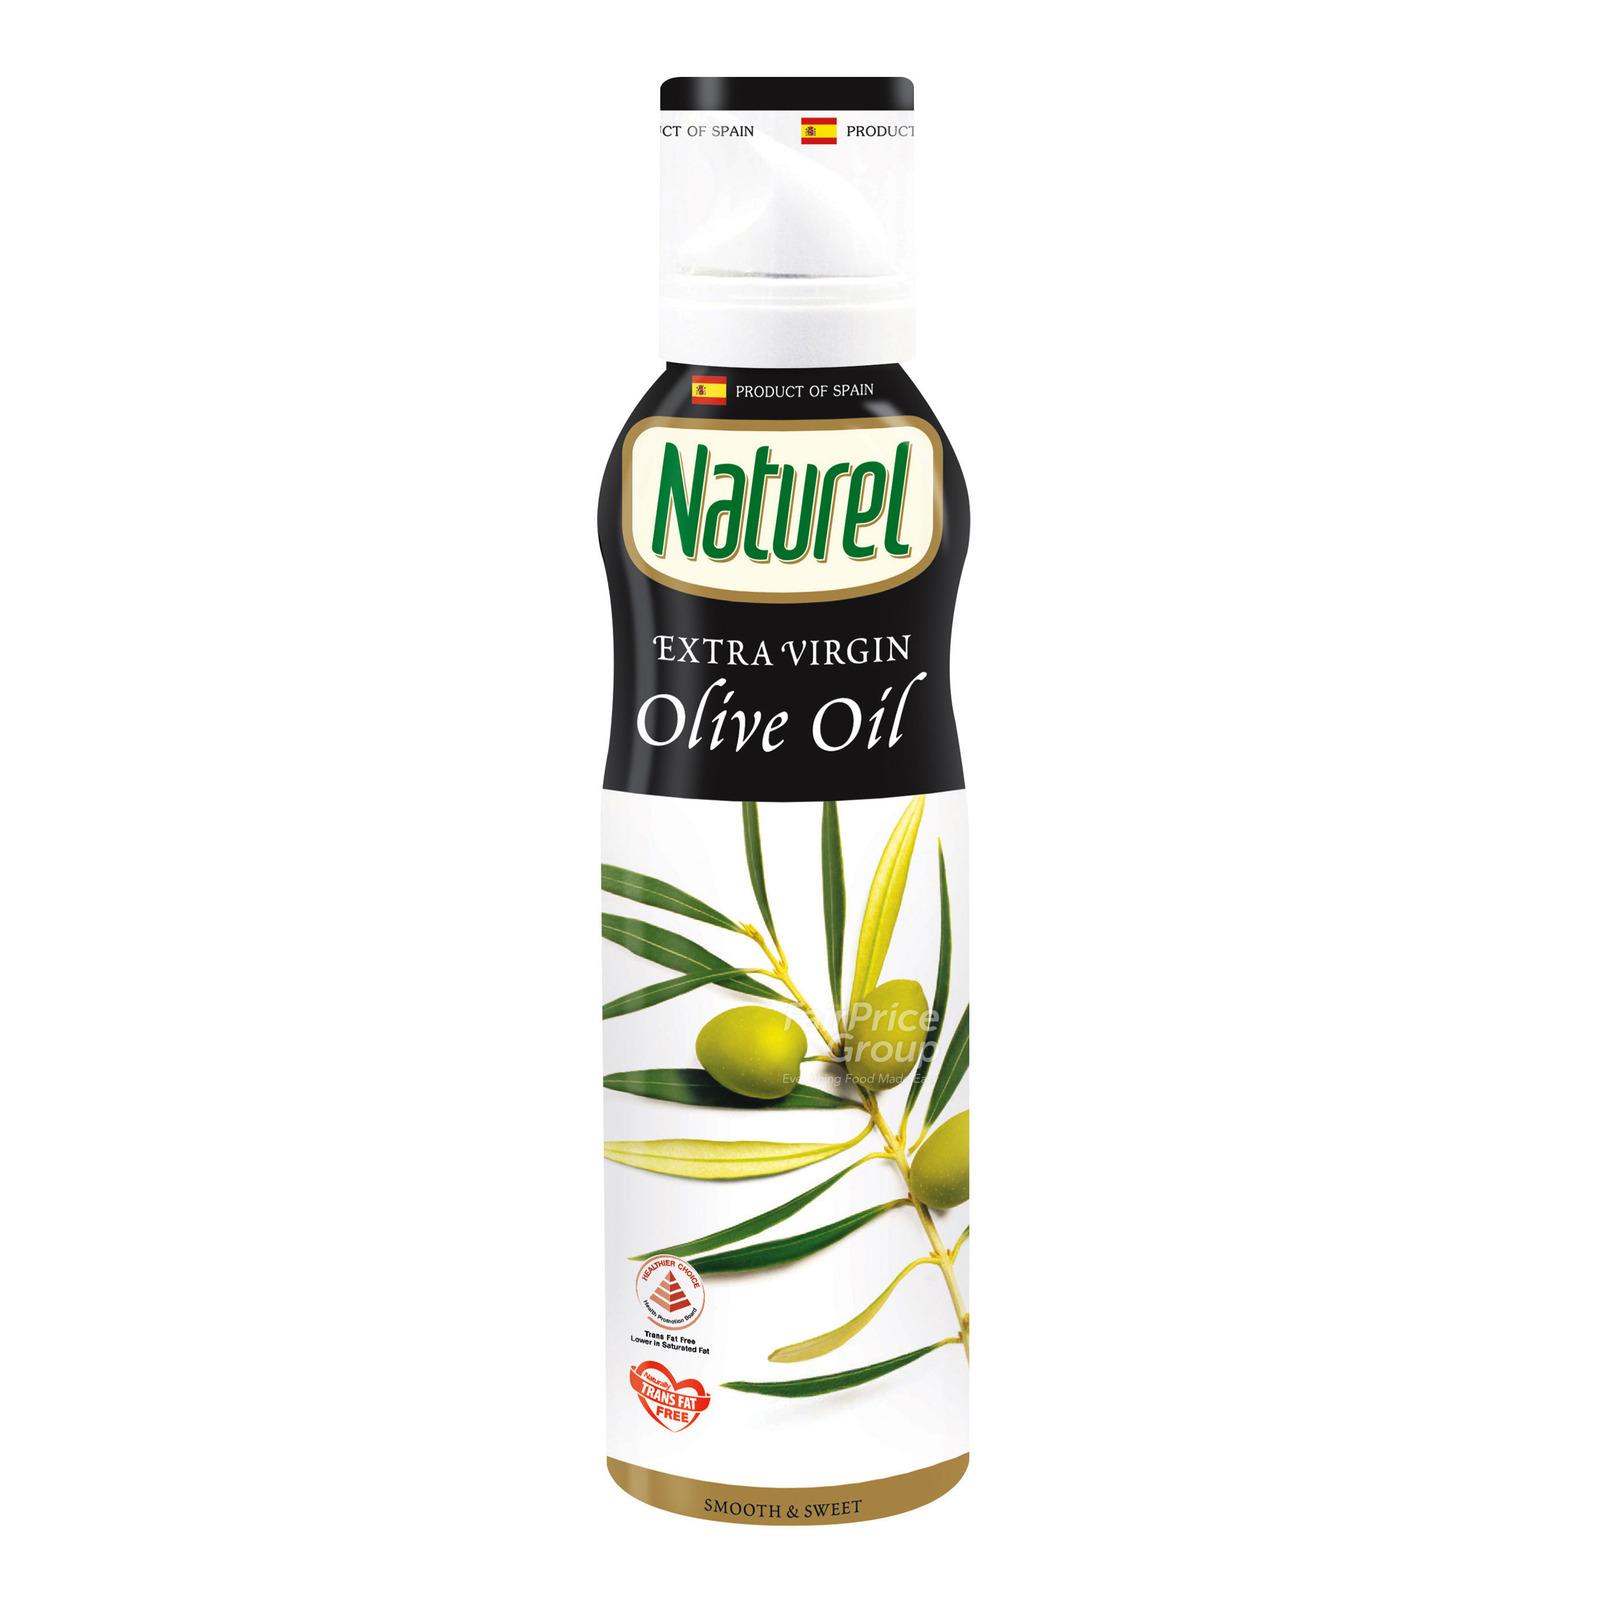 Naturel Spray Oil - Extra Virgin